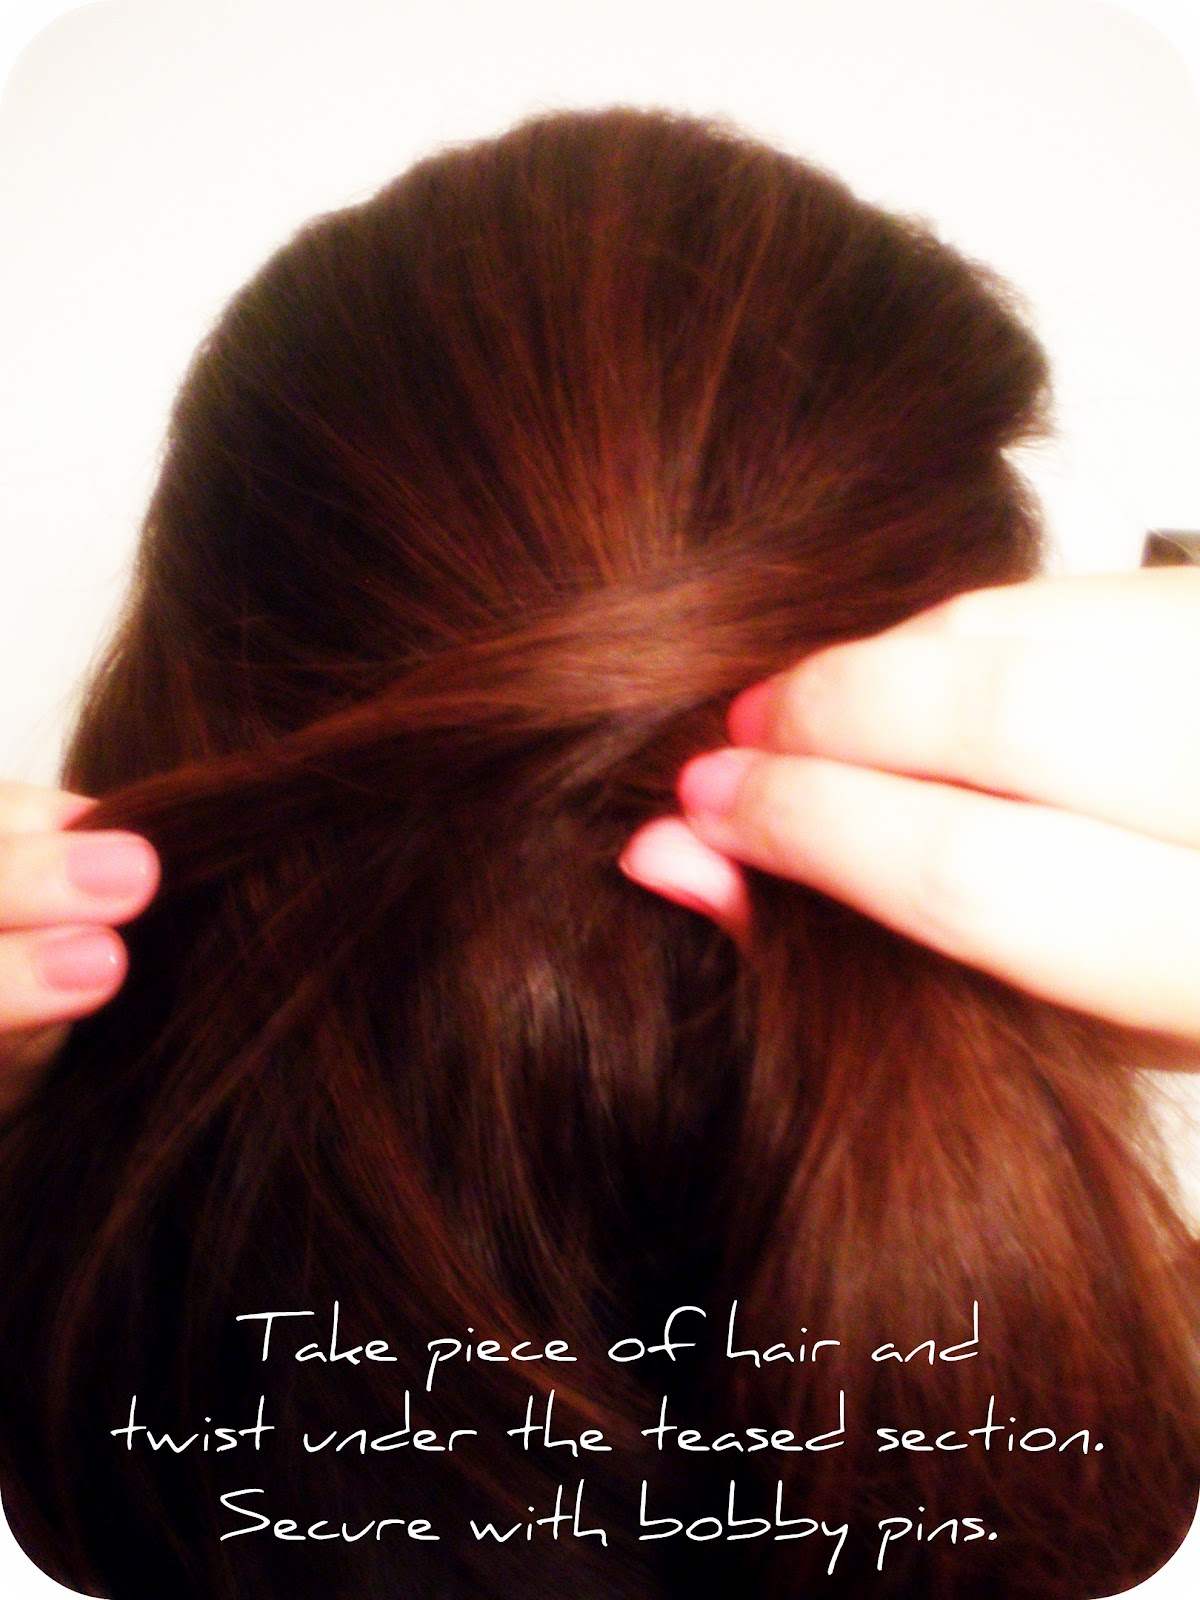 http://2.bp.blogspot.com/-zsBeU5dZpc0/T4zPxhhD9aI/AAAAAAAACQ4/fuXSidUFA9g/s1600/jessica+chastain+hair+oscars.jpg